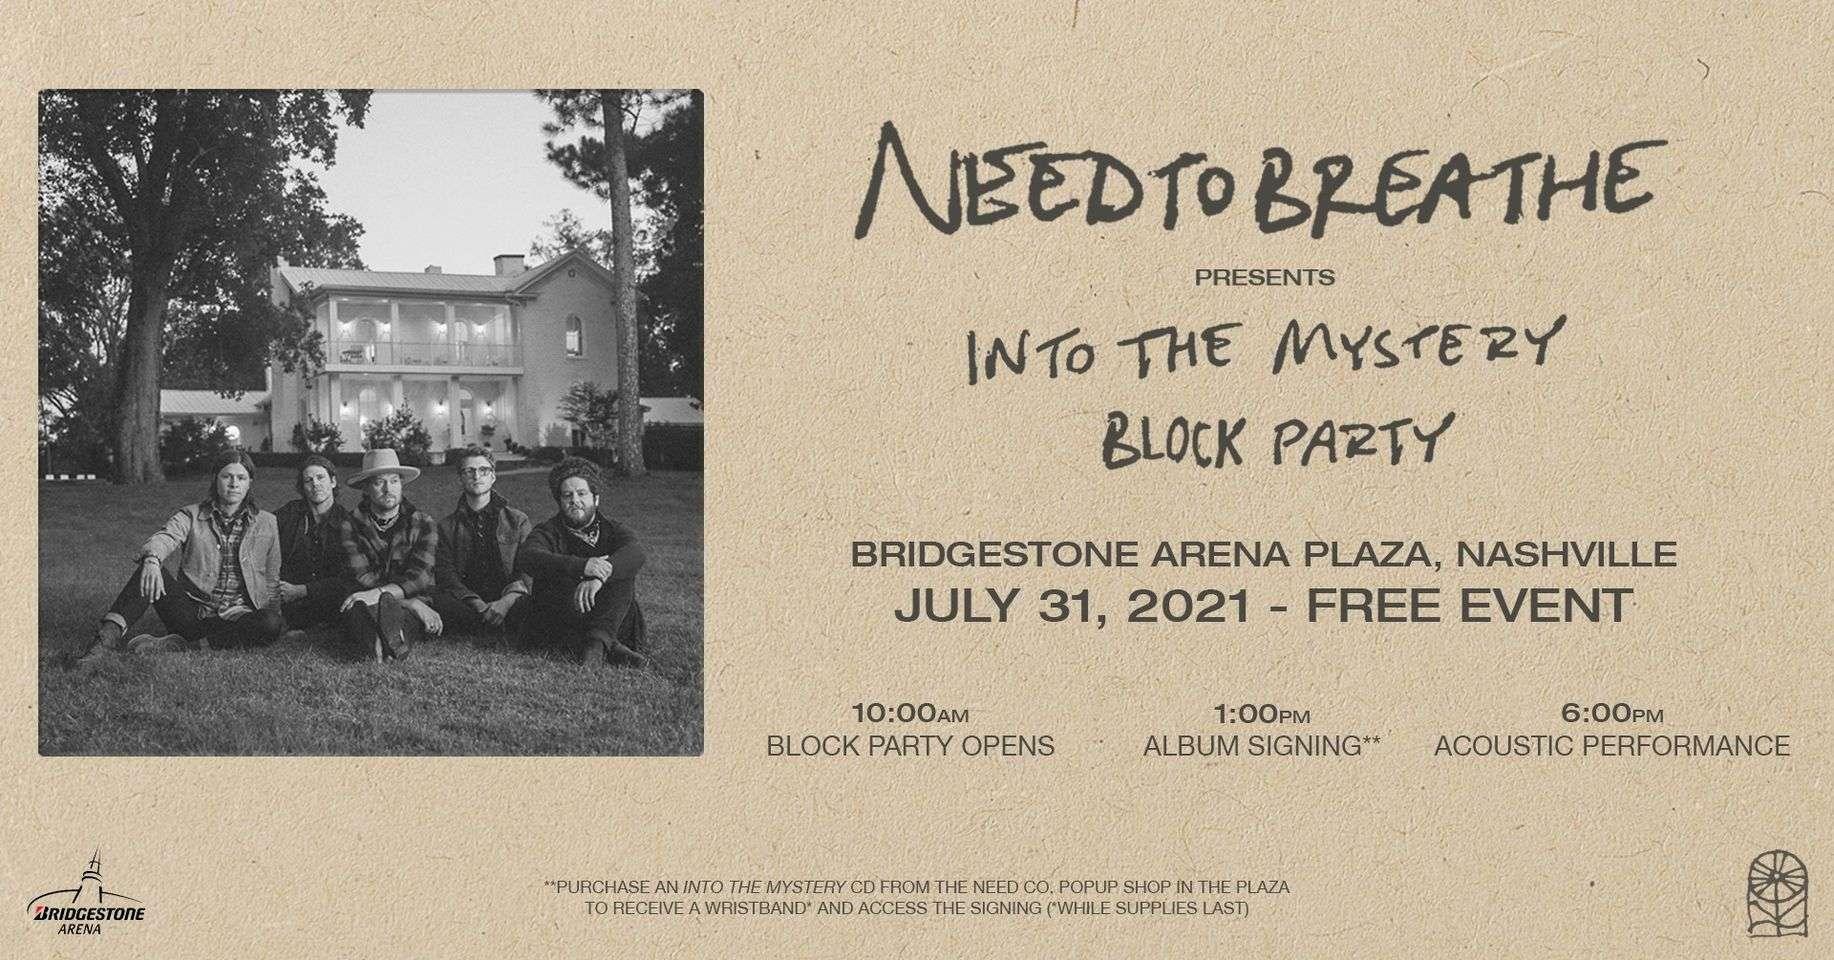 """NEEDTOBREATHE To Host Free """"Into the Mystery"""" Block Party at Bridgestone Arena Saturday"""